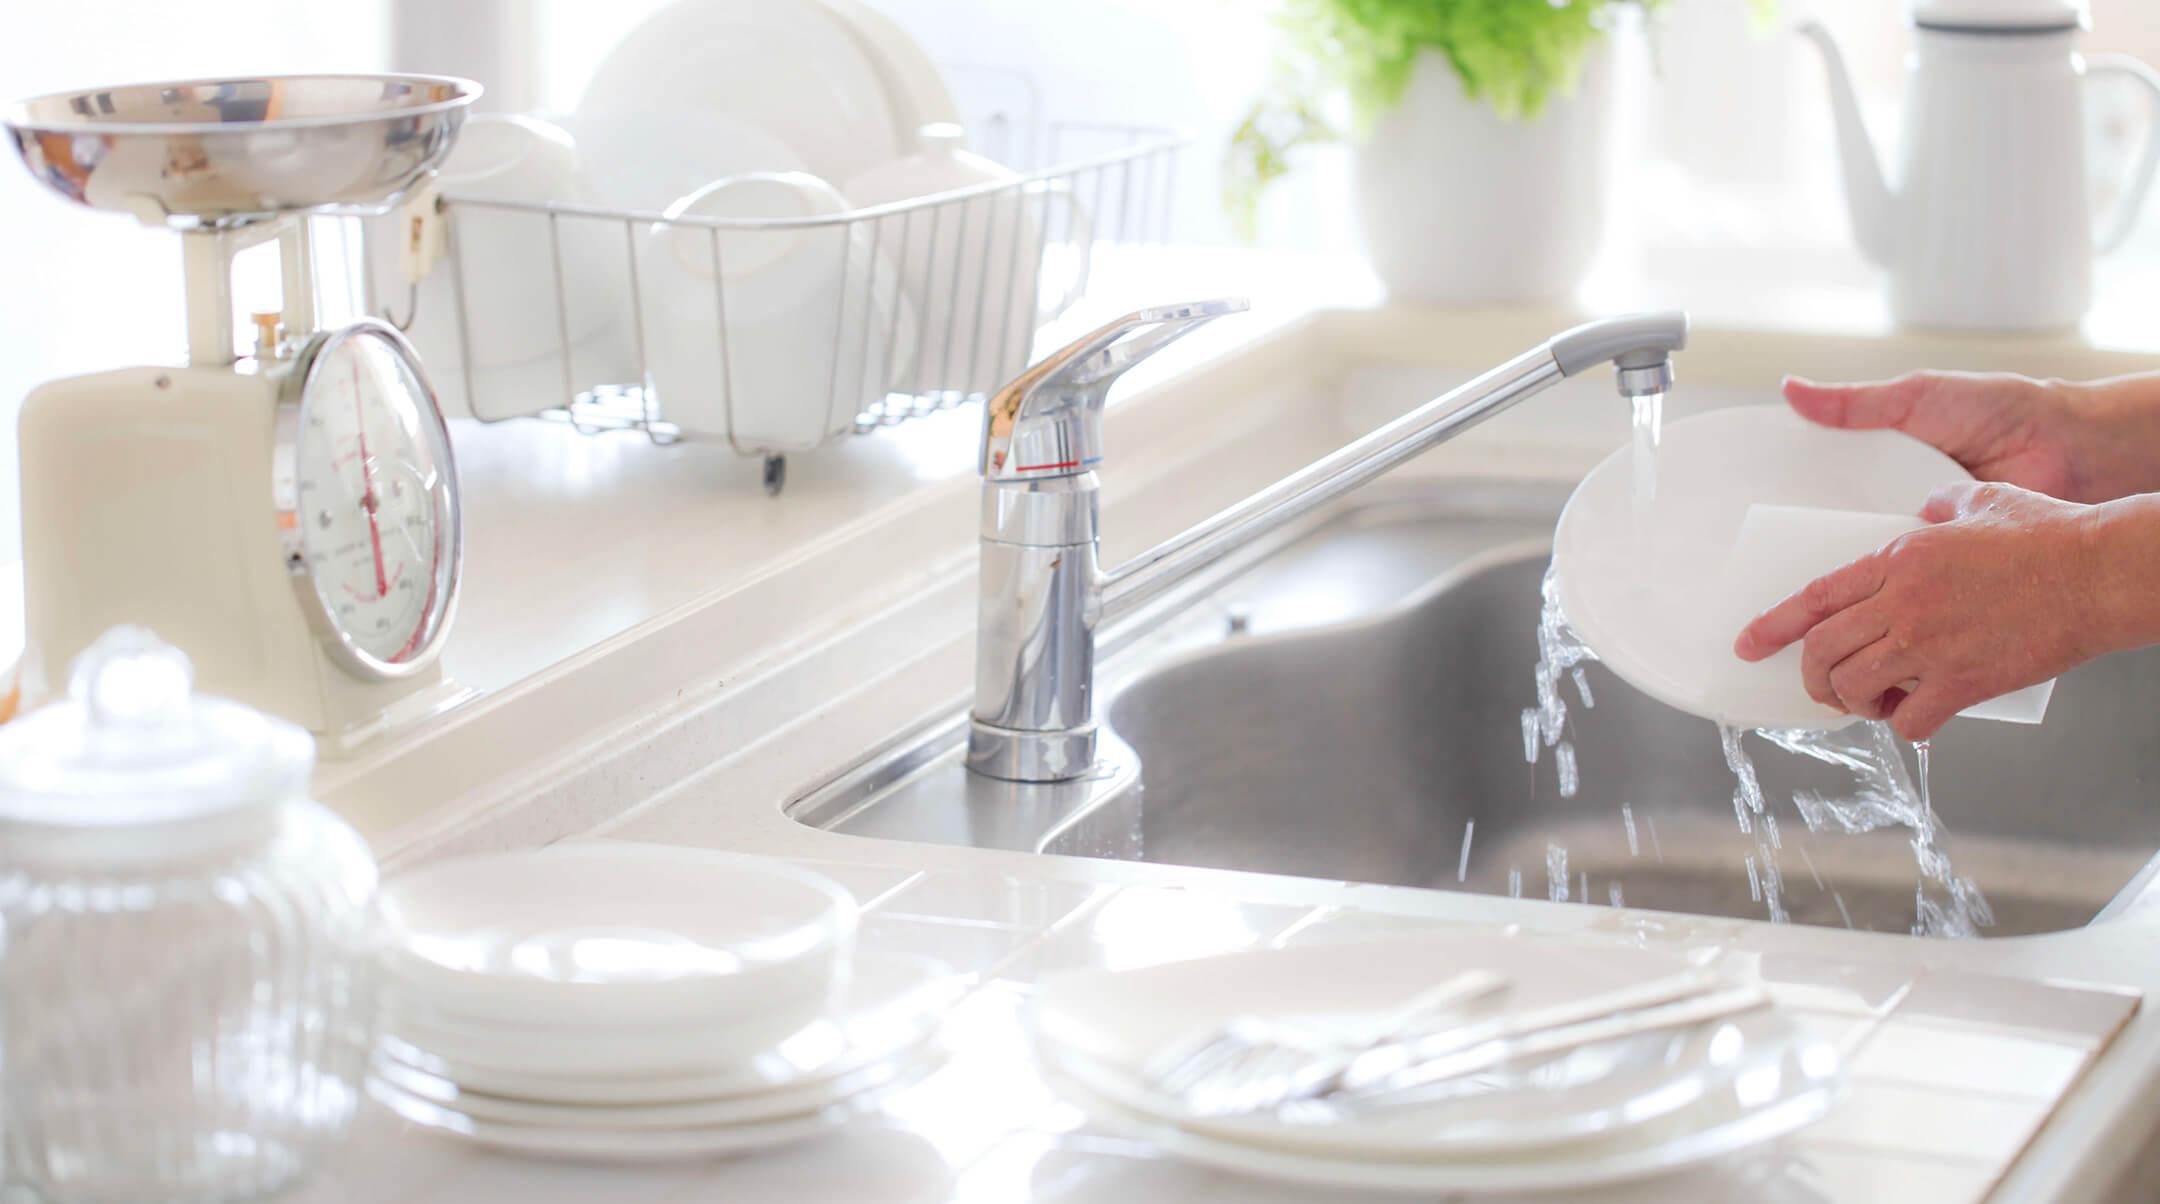 faire la vaisselle la main oui mais une main verte maison verte. Black Bedroom Furniture Sets. Home Design Ideas